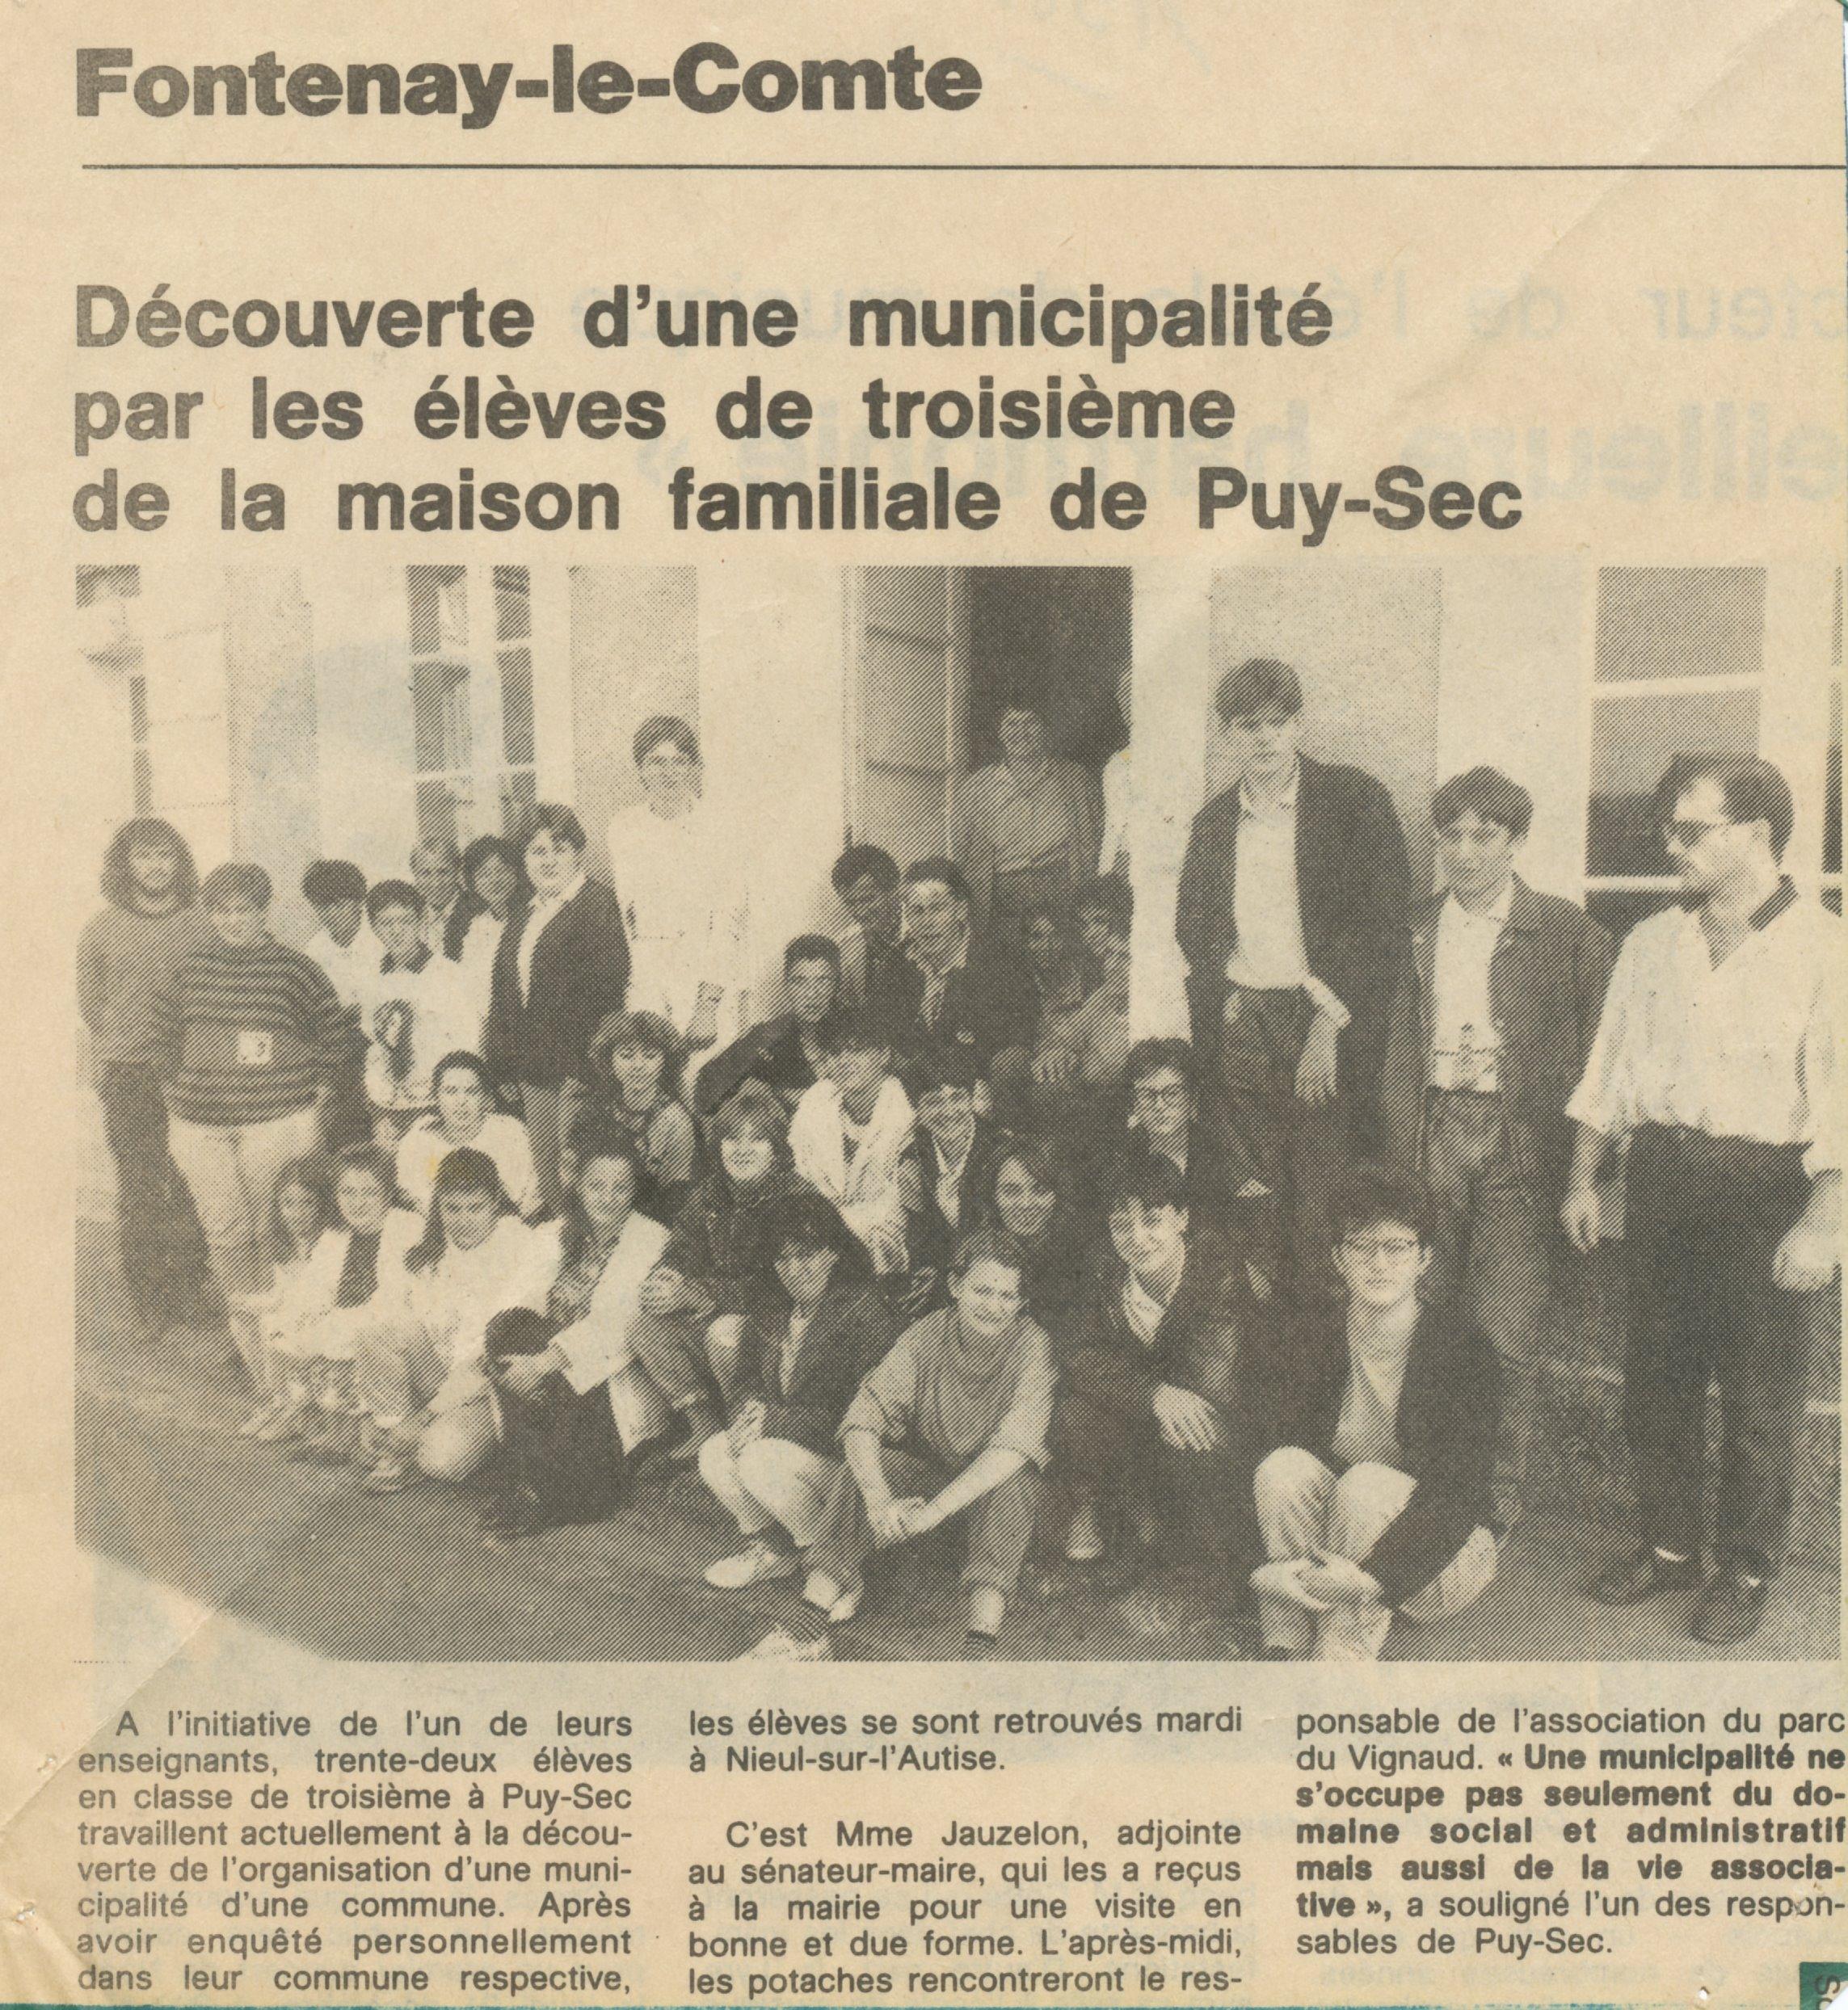 Visite Mairie Nieul-sur-l'Autize Archives anciens élèves mfr puy-sec 1989